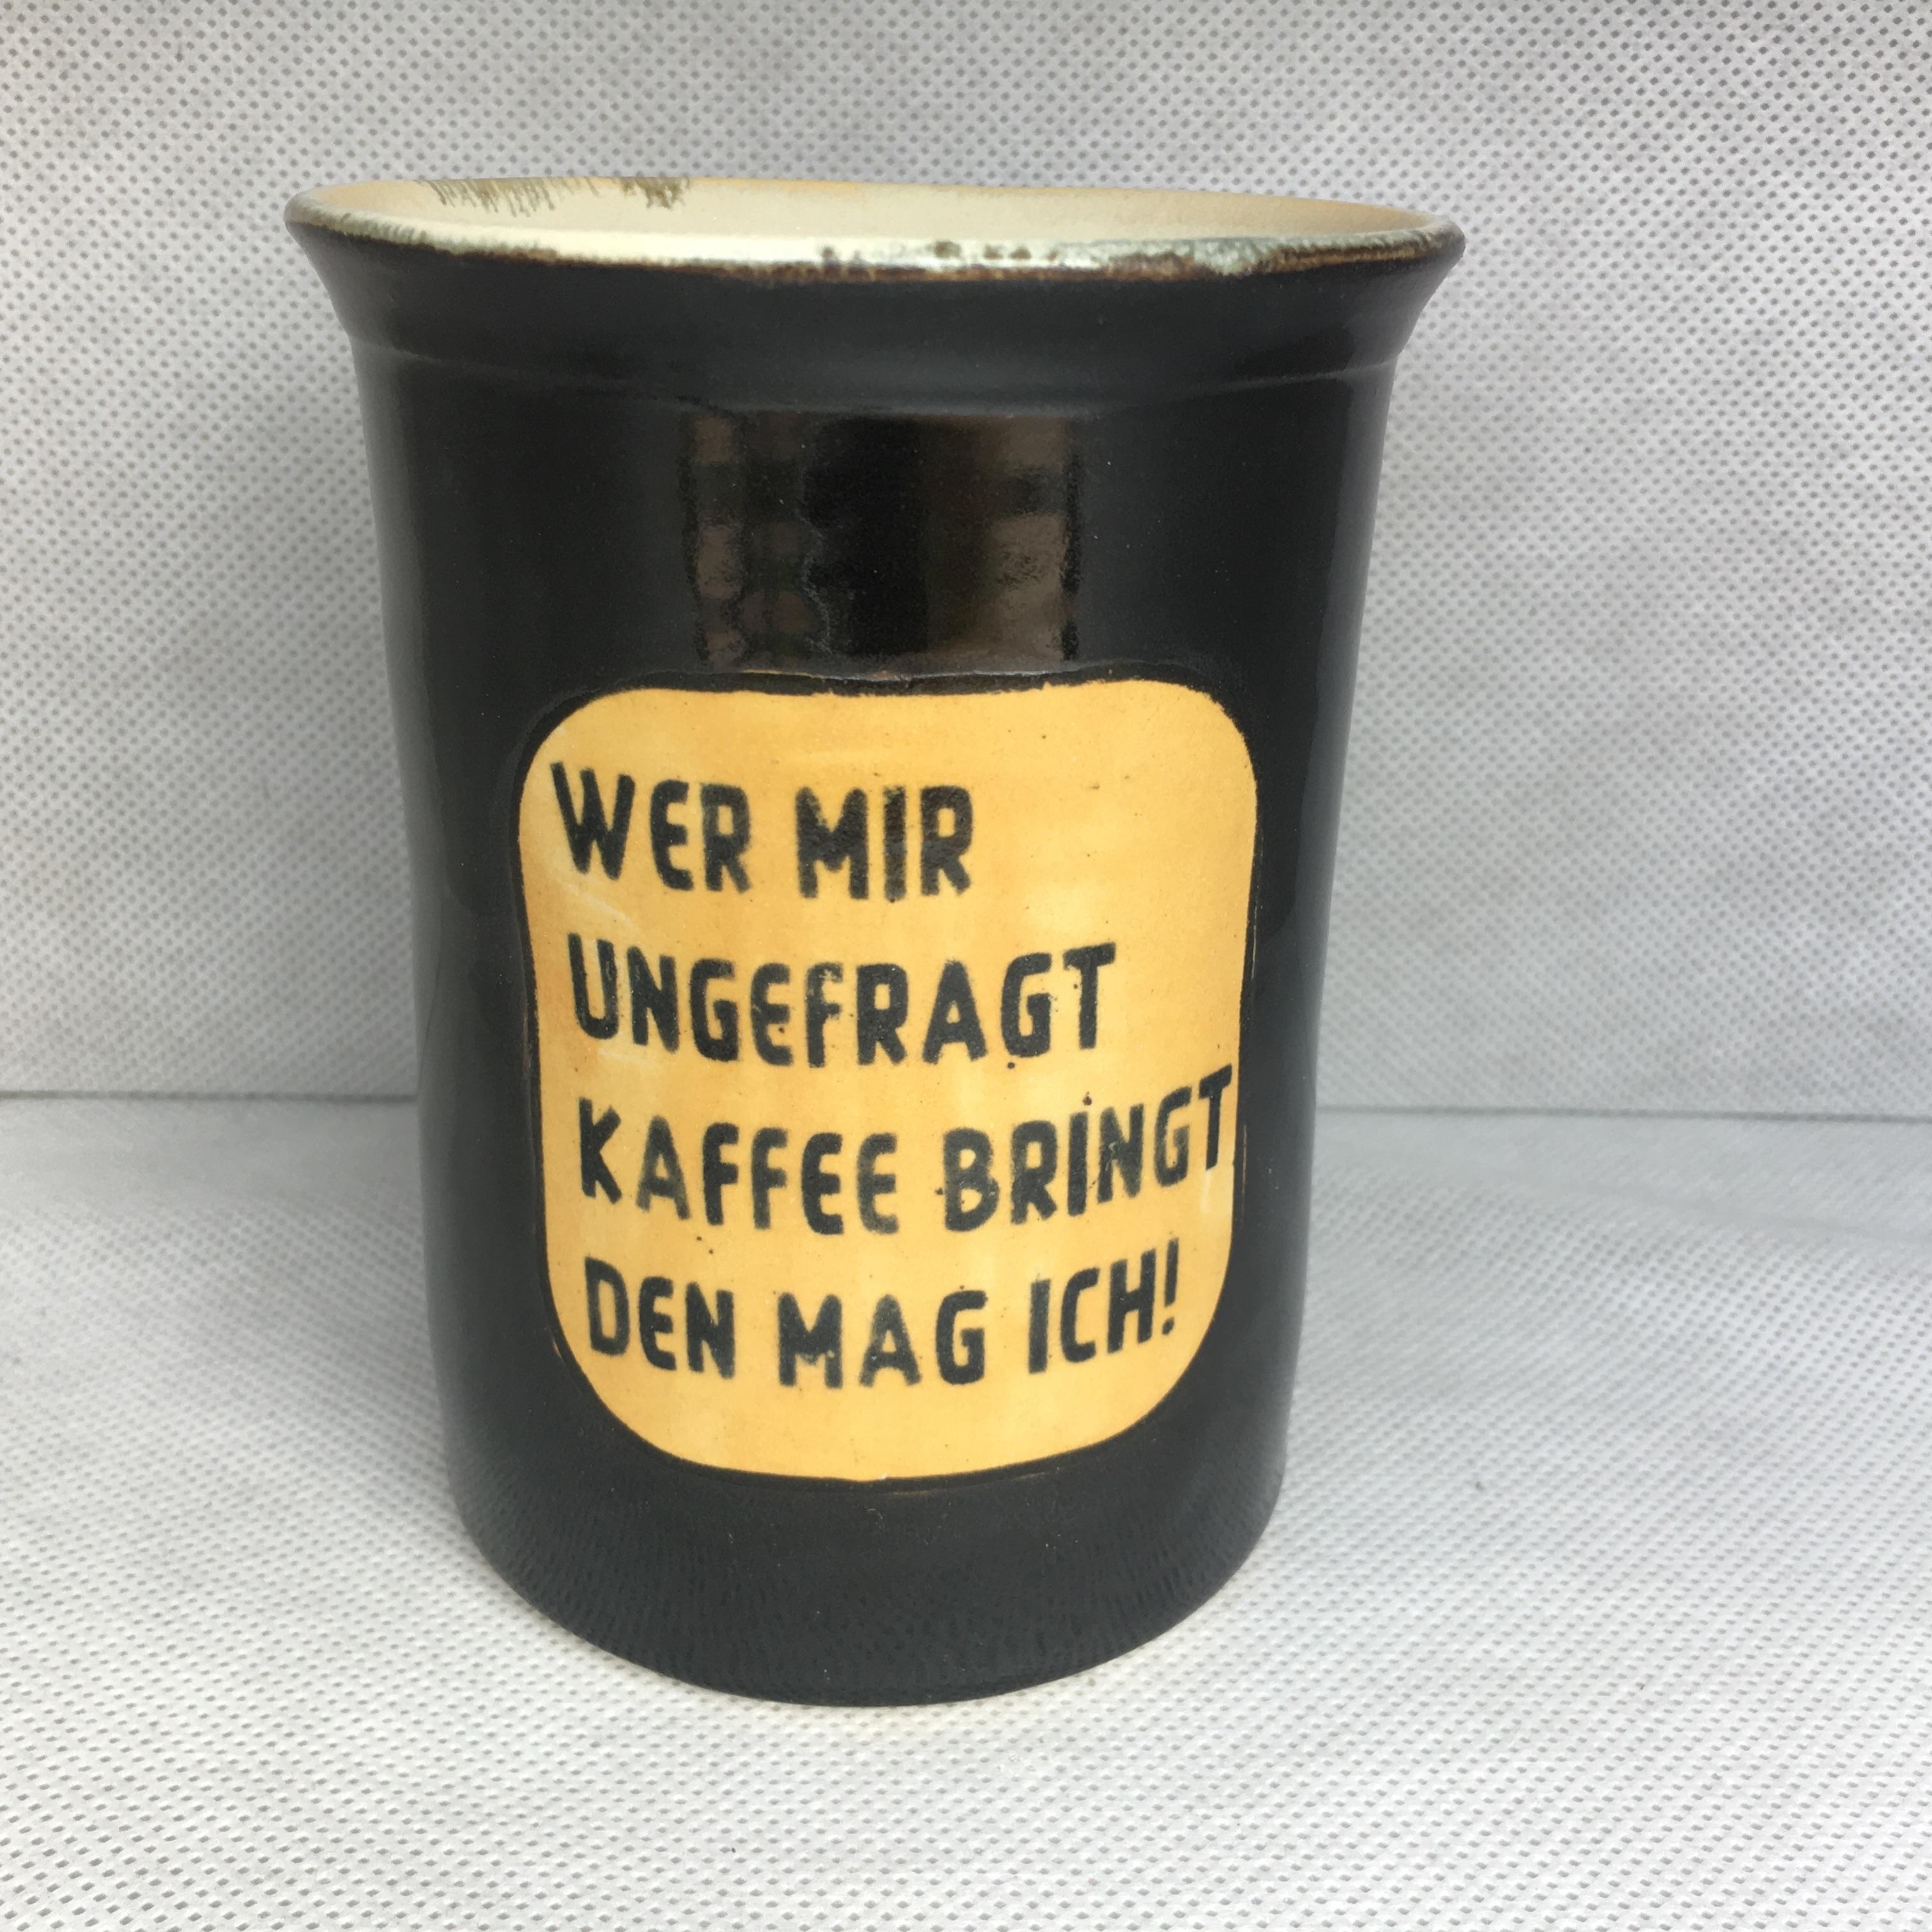 Wer mir ungefragt Kaffee bringt den mag ich!